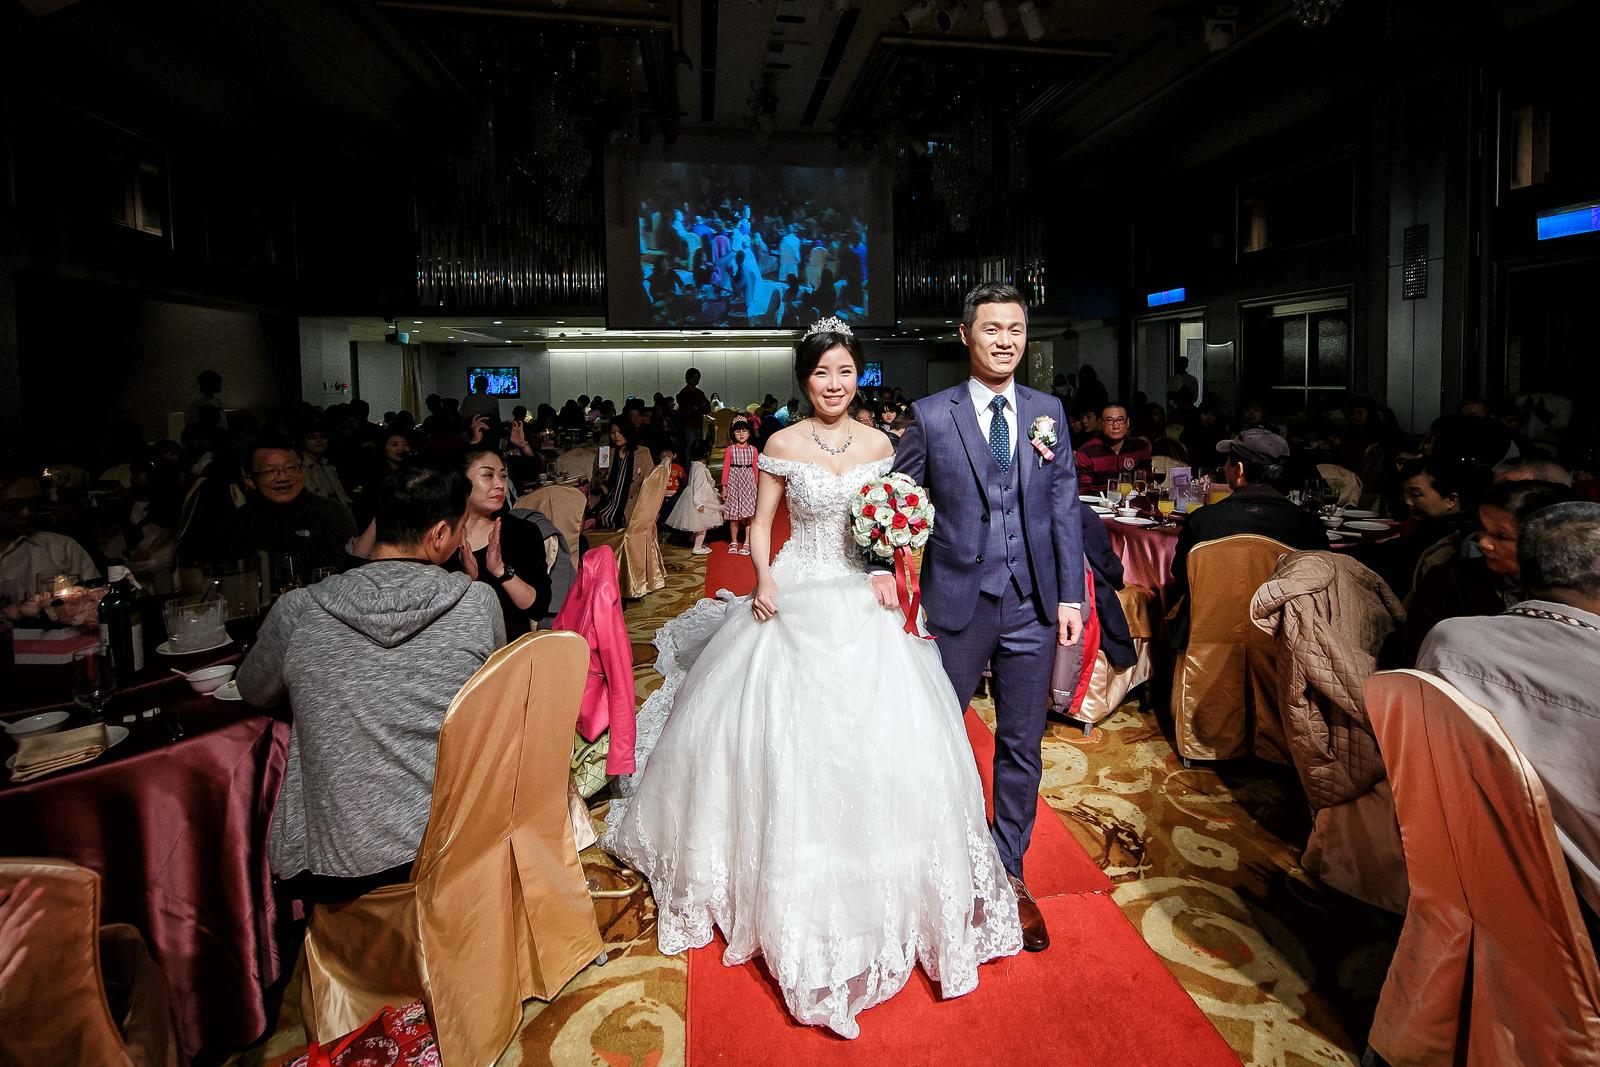 婚攝,婚禮攝影,民生晶宴,婚禮紀錄